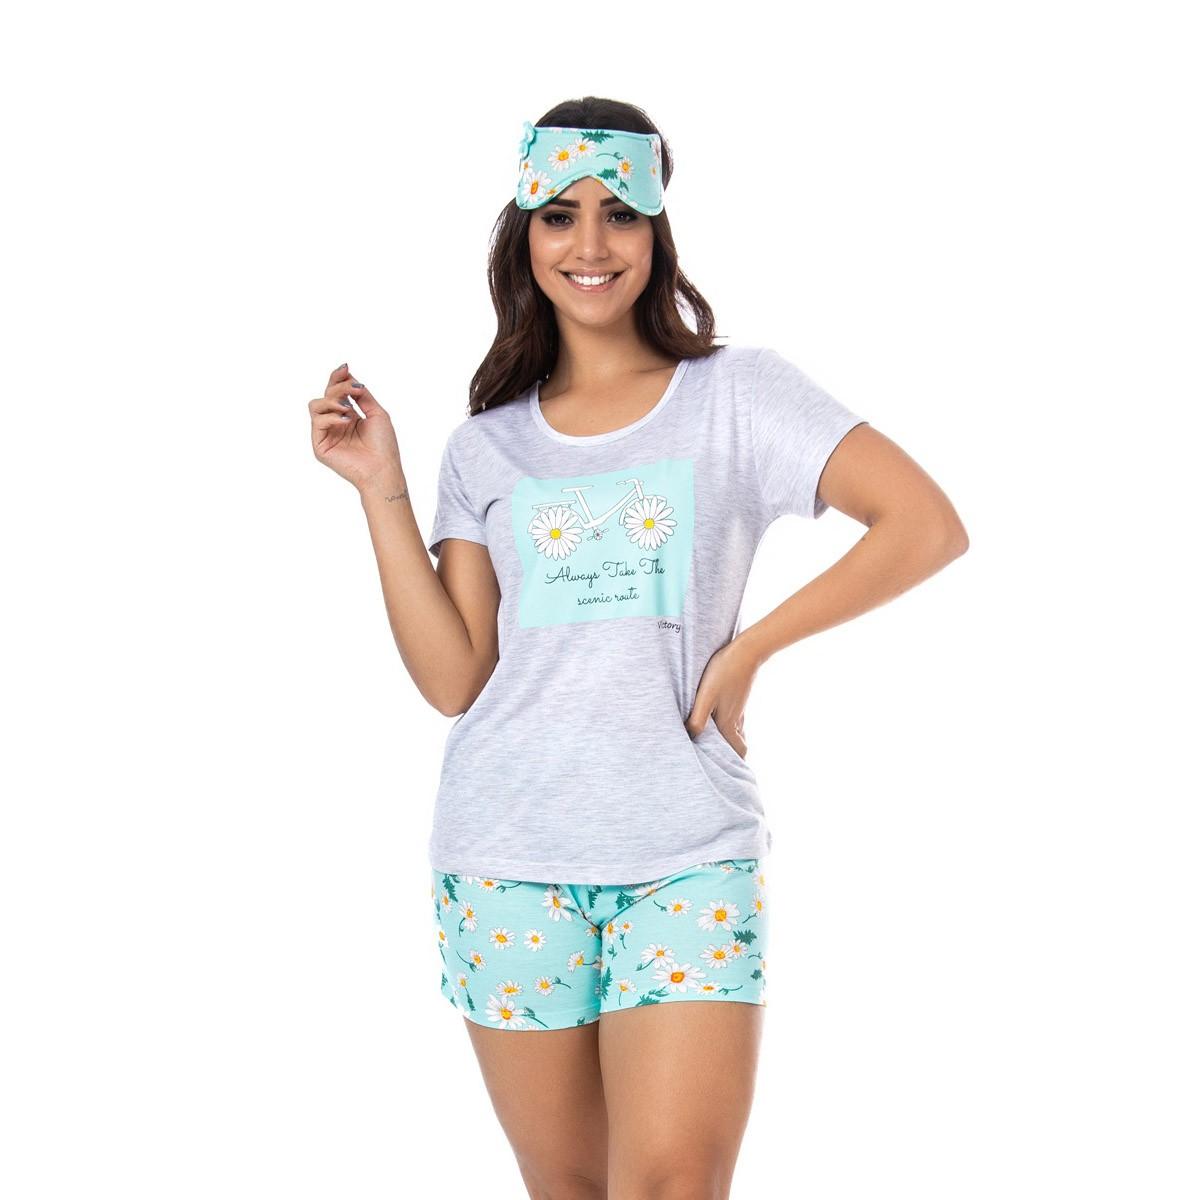 Pijama feminino camiseta manga curta e short doll para o verão Victory